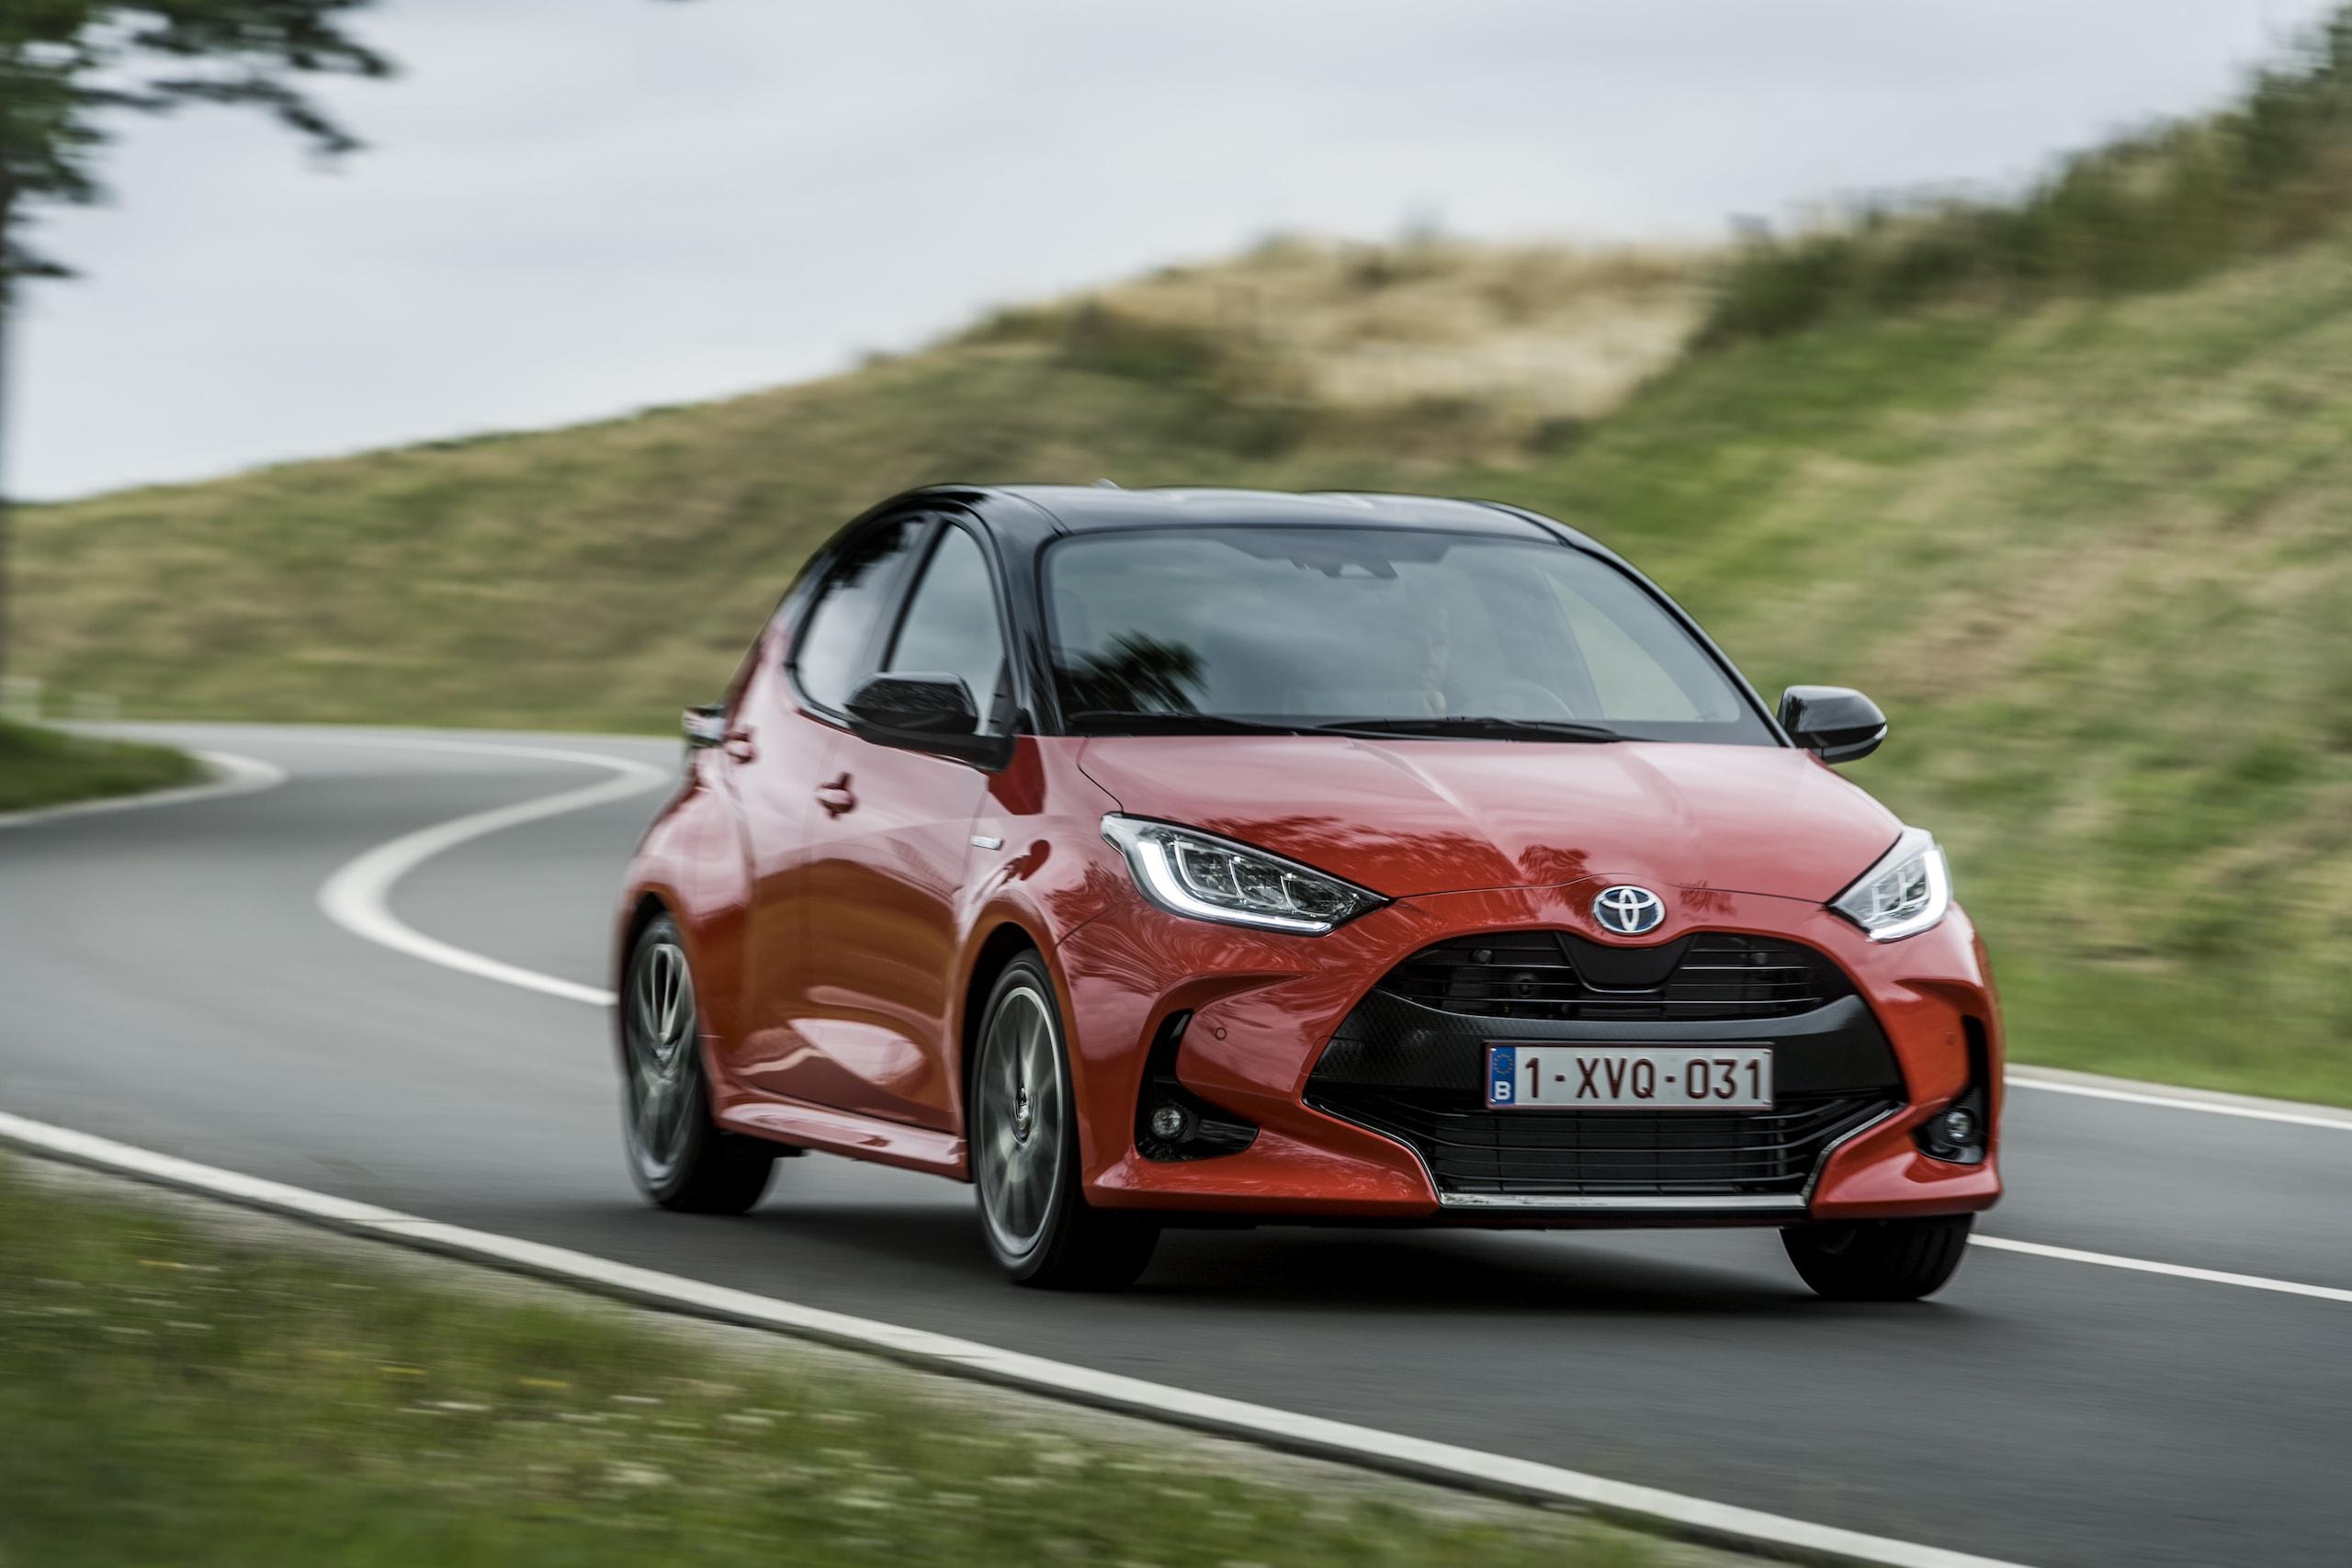 Nuova Toyota Yaris: tutti gli scatti